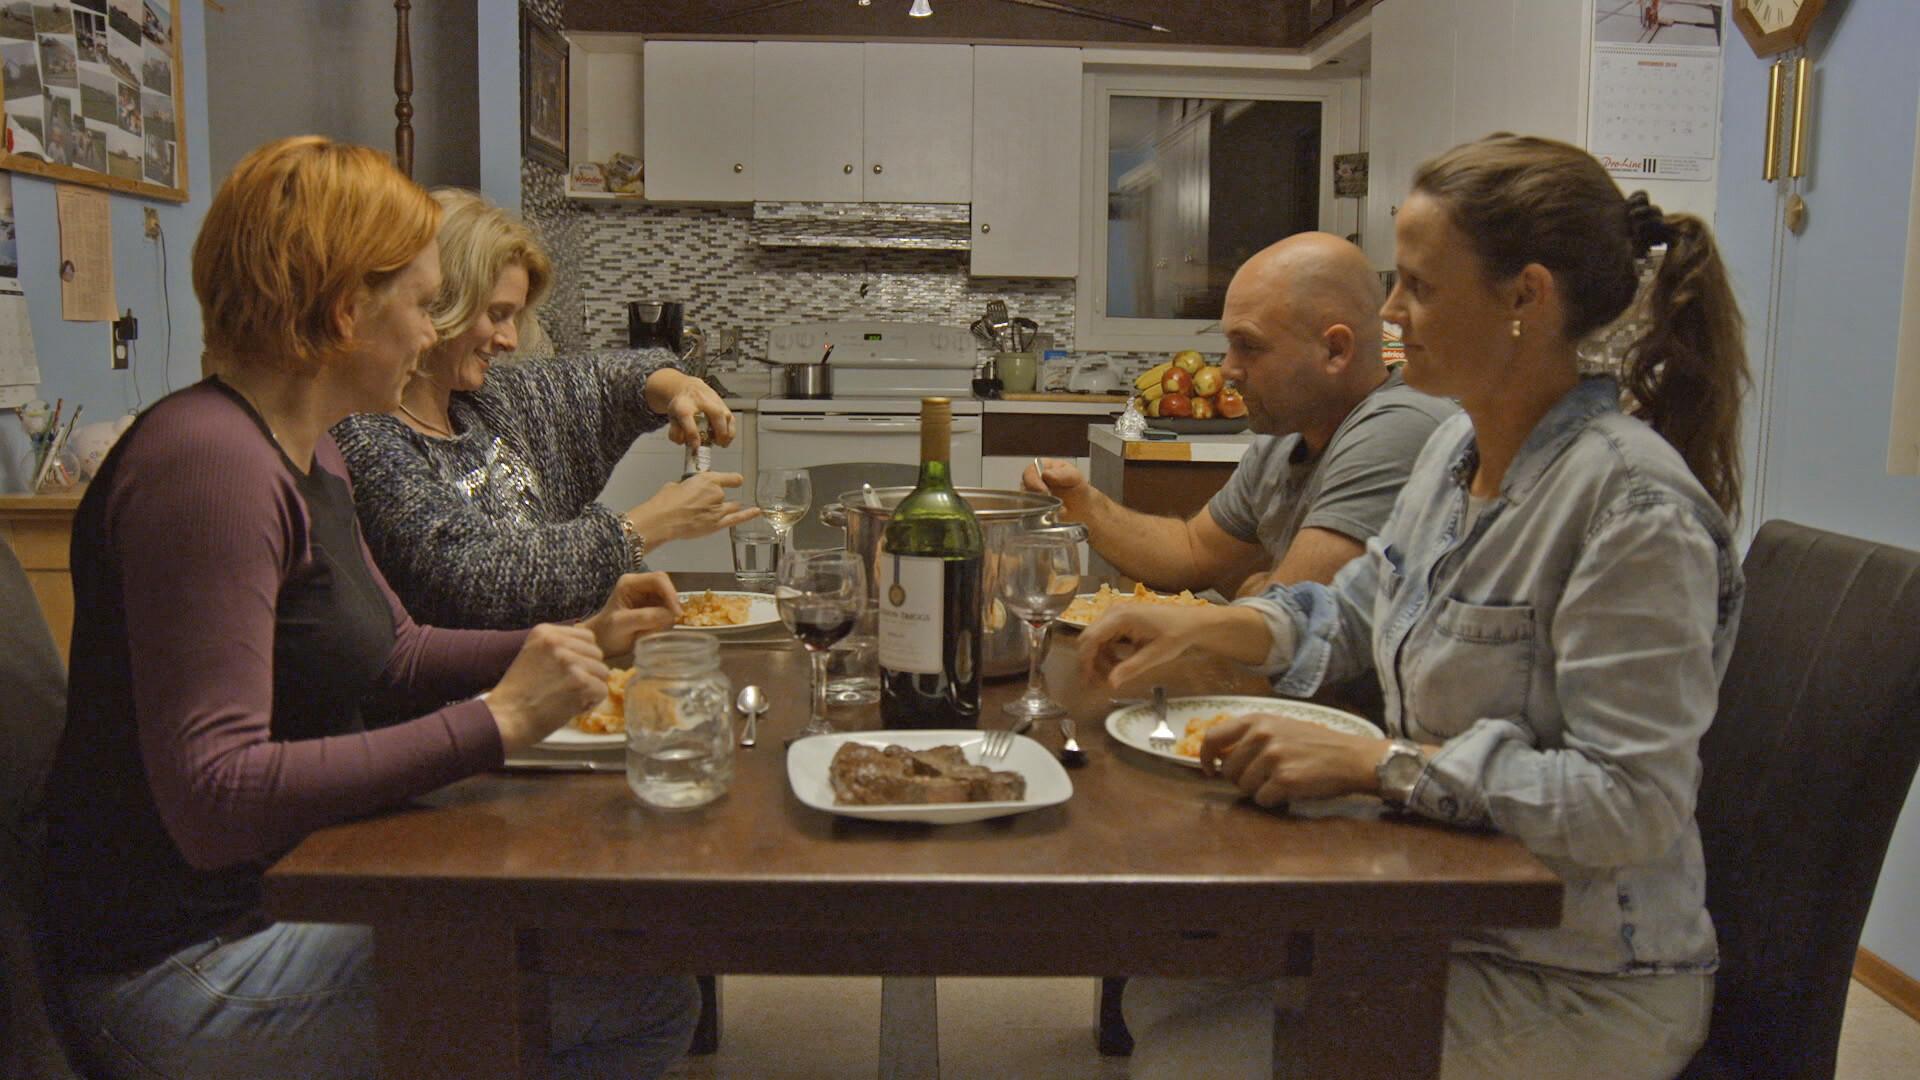 Riks is blij met de drie vrouwen in huis